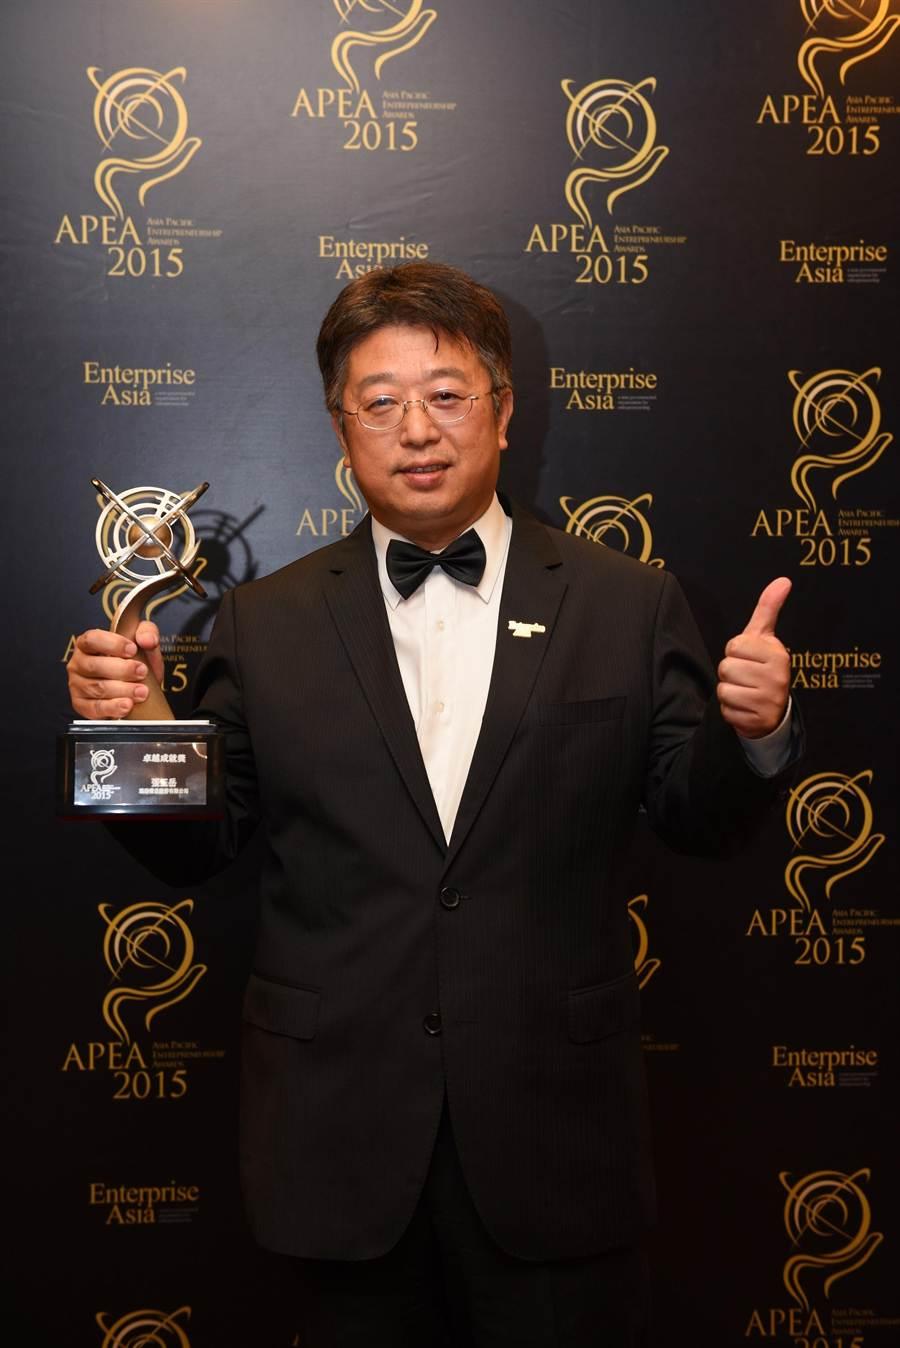 瑞助營造董座張正岳 獲頒「卓越成就獎」